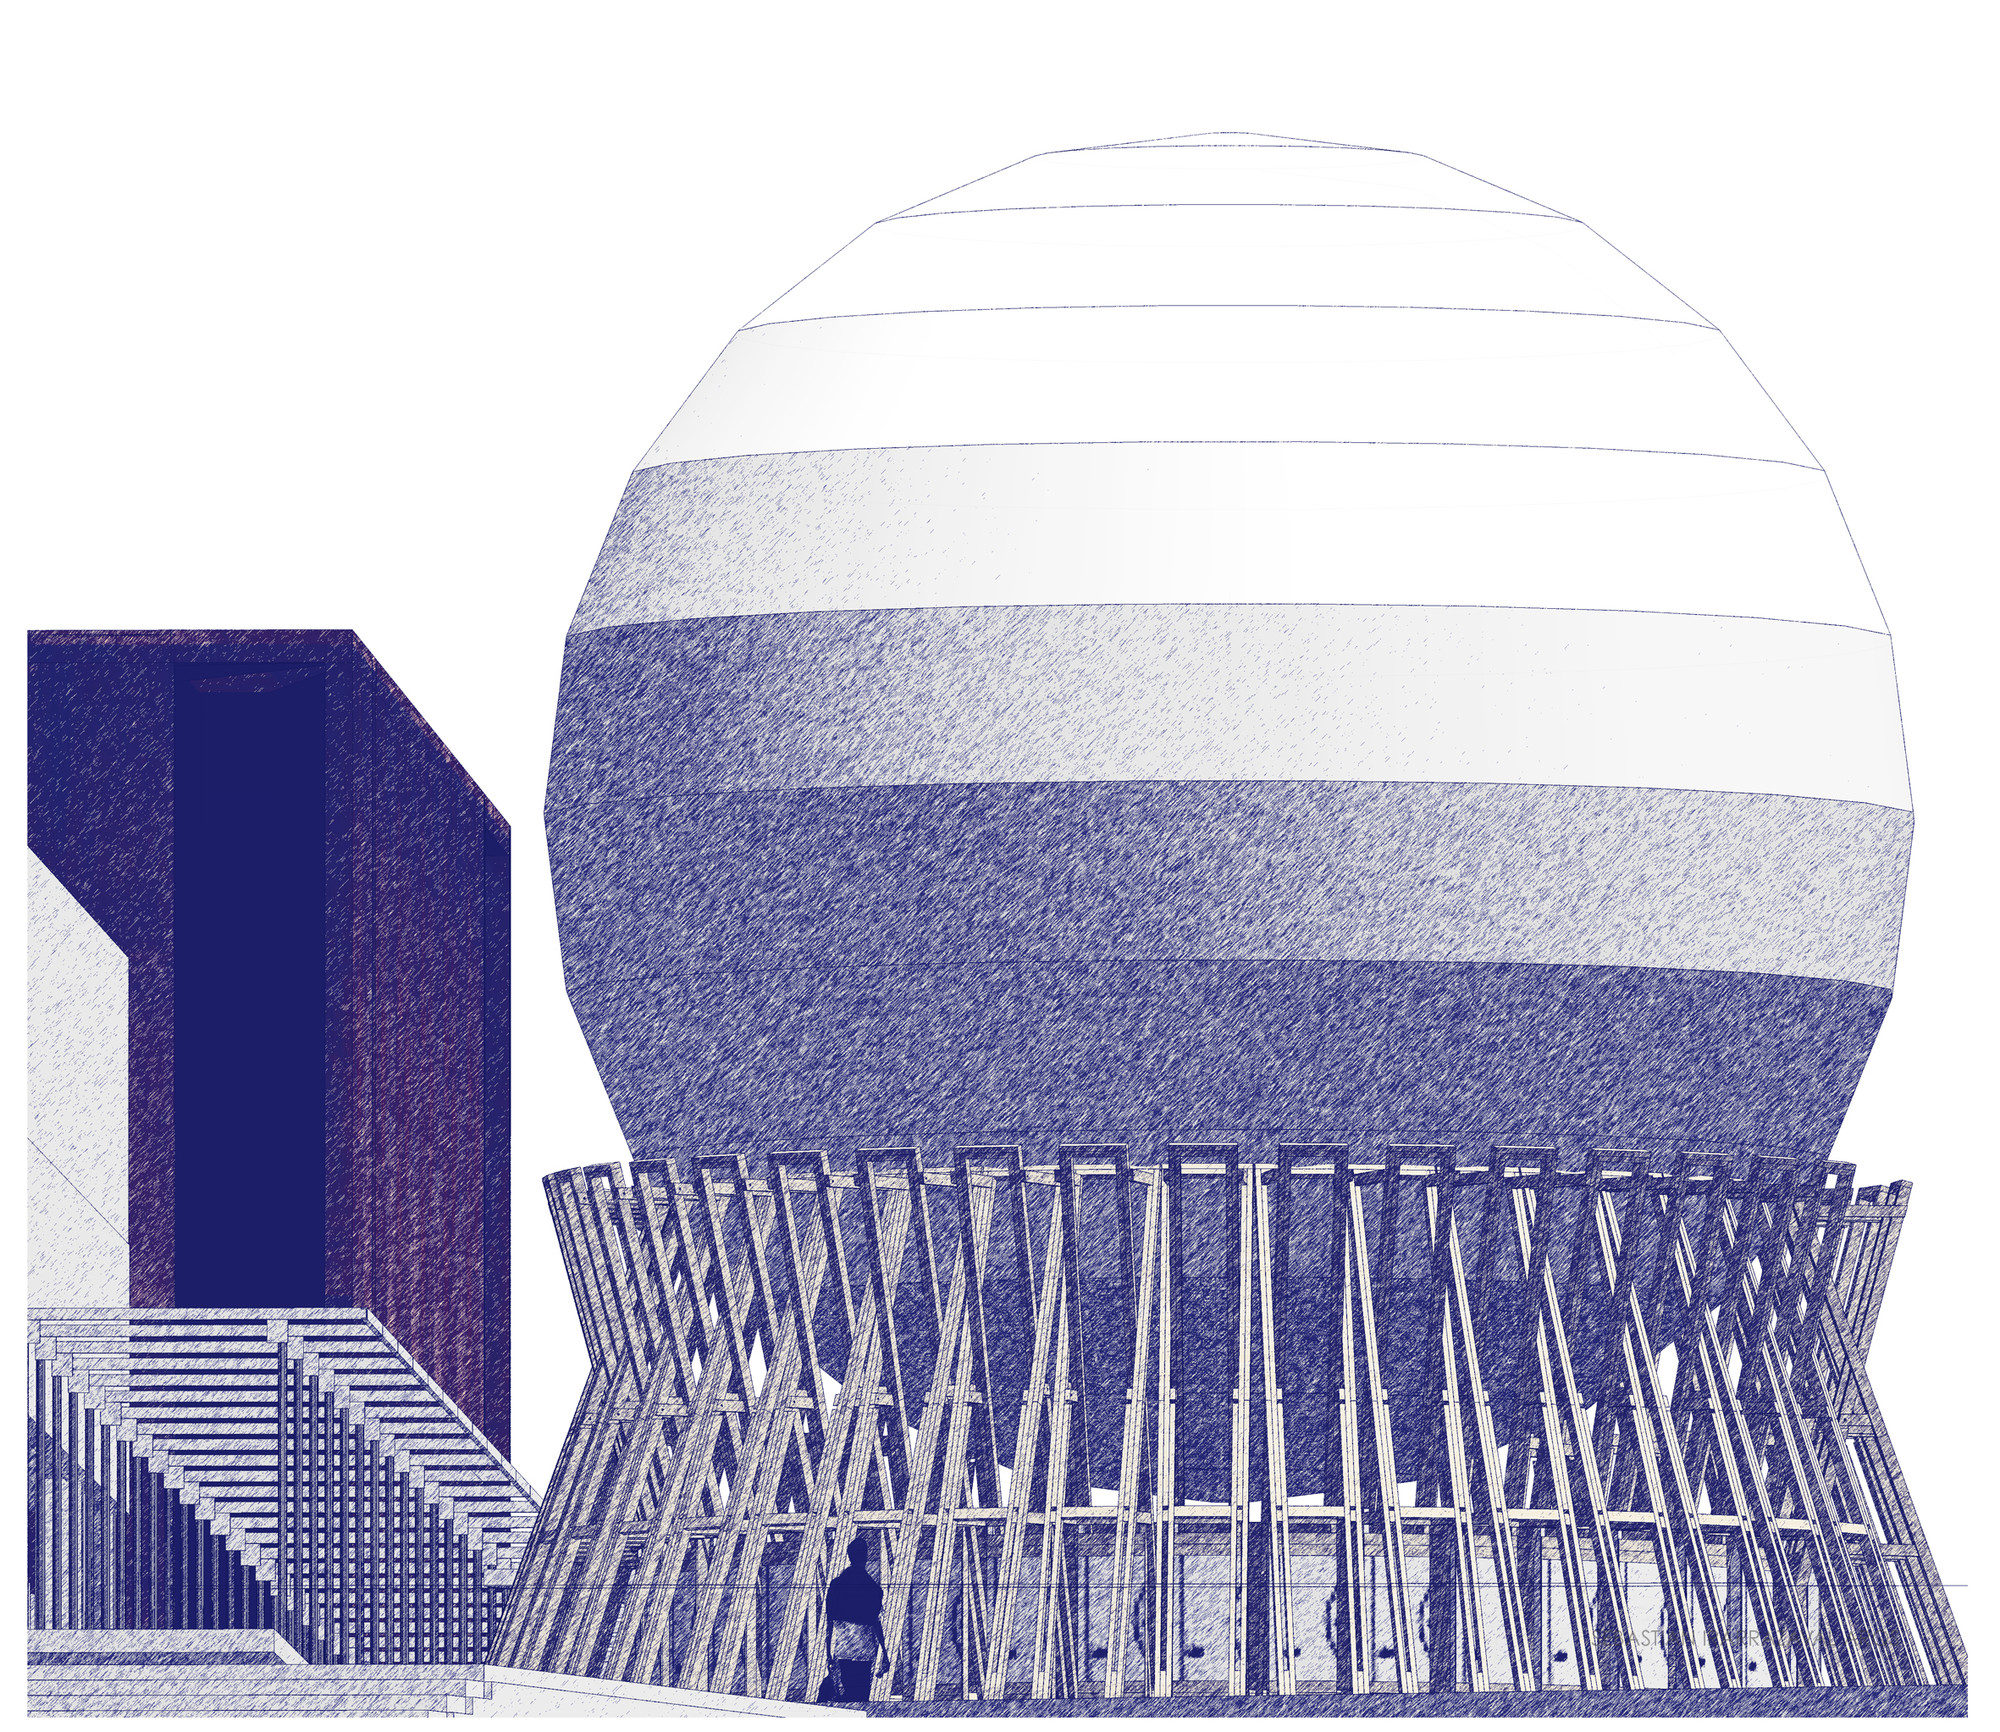 Sebastián Irarrázaval diseña pabellón en madera conmemorando los 120 años de Arquitectura UC, Cortesia de Sebastián Irarrázaval